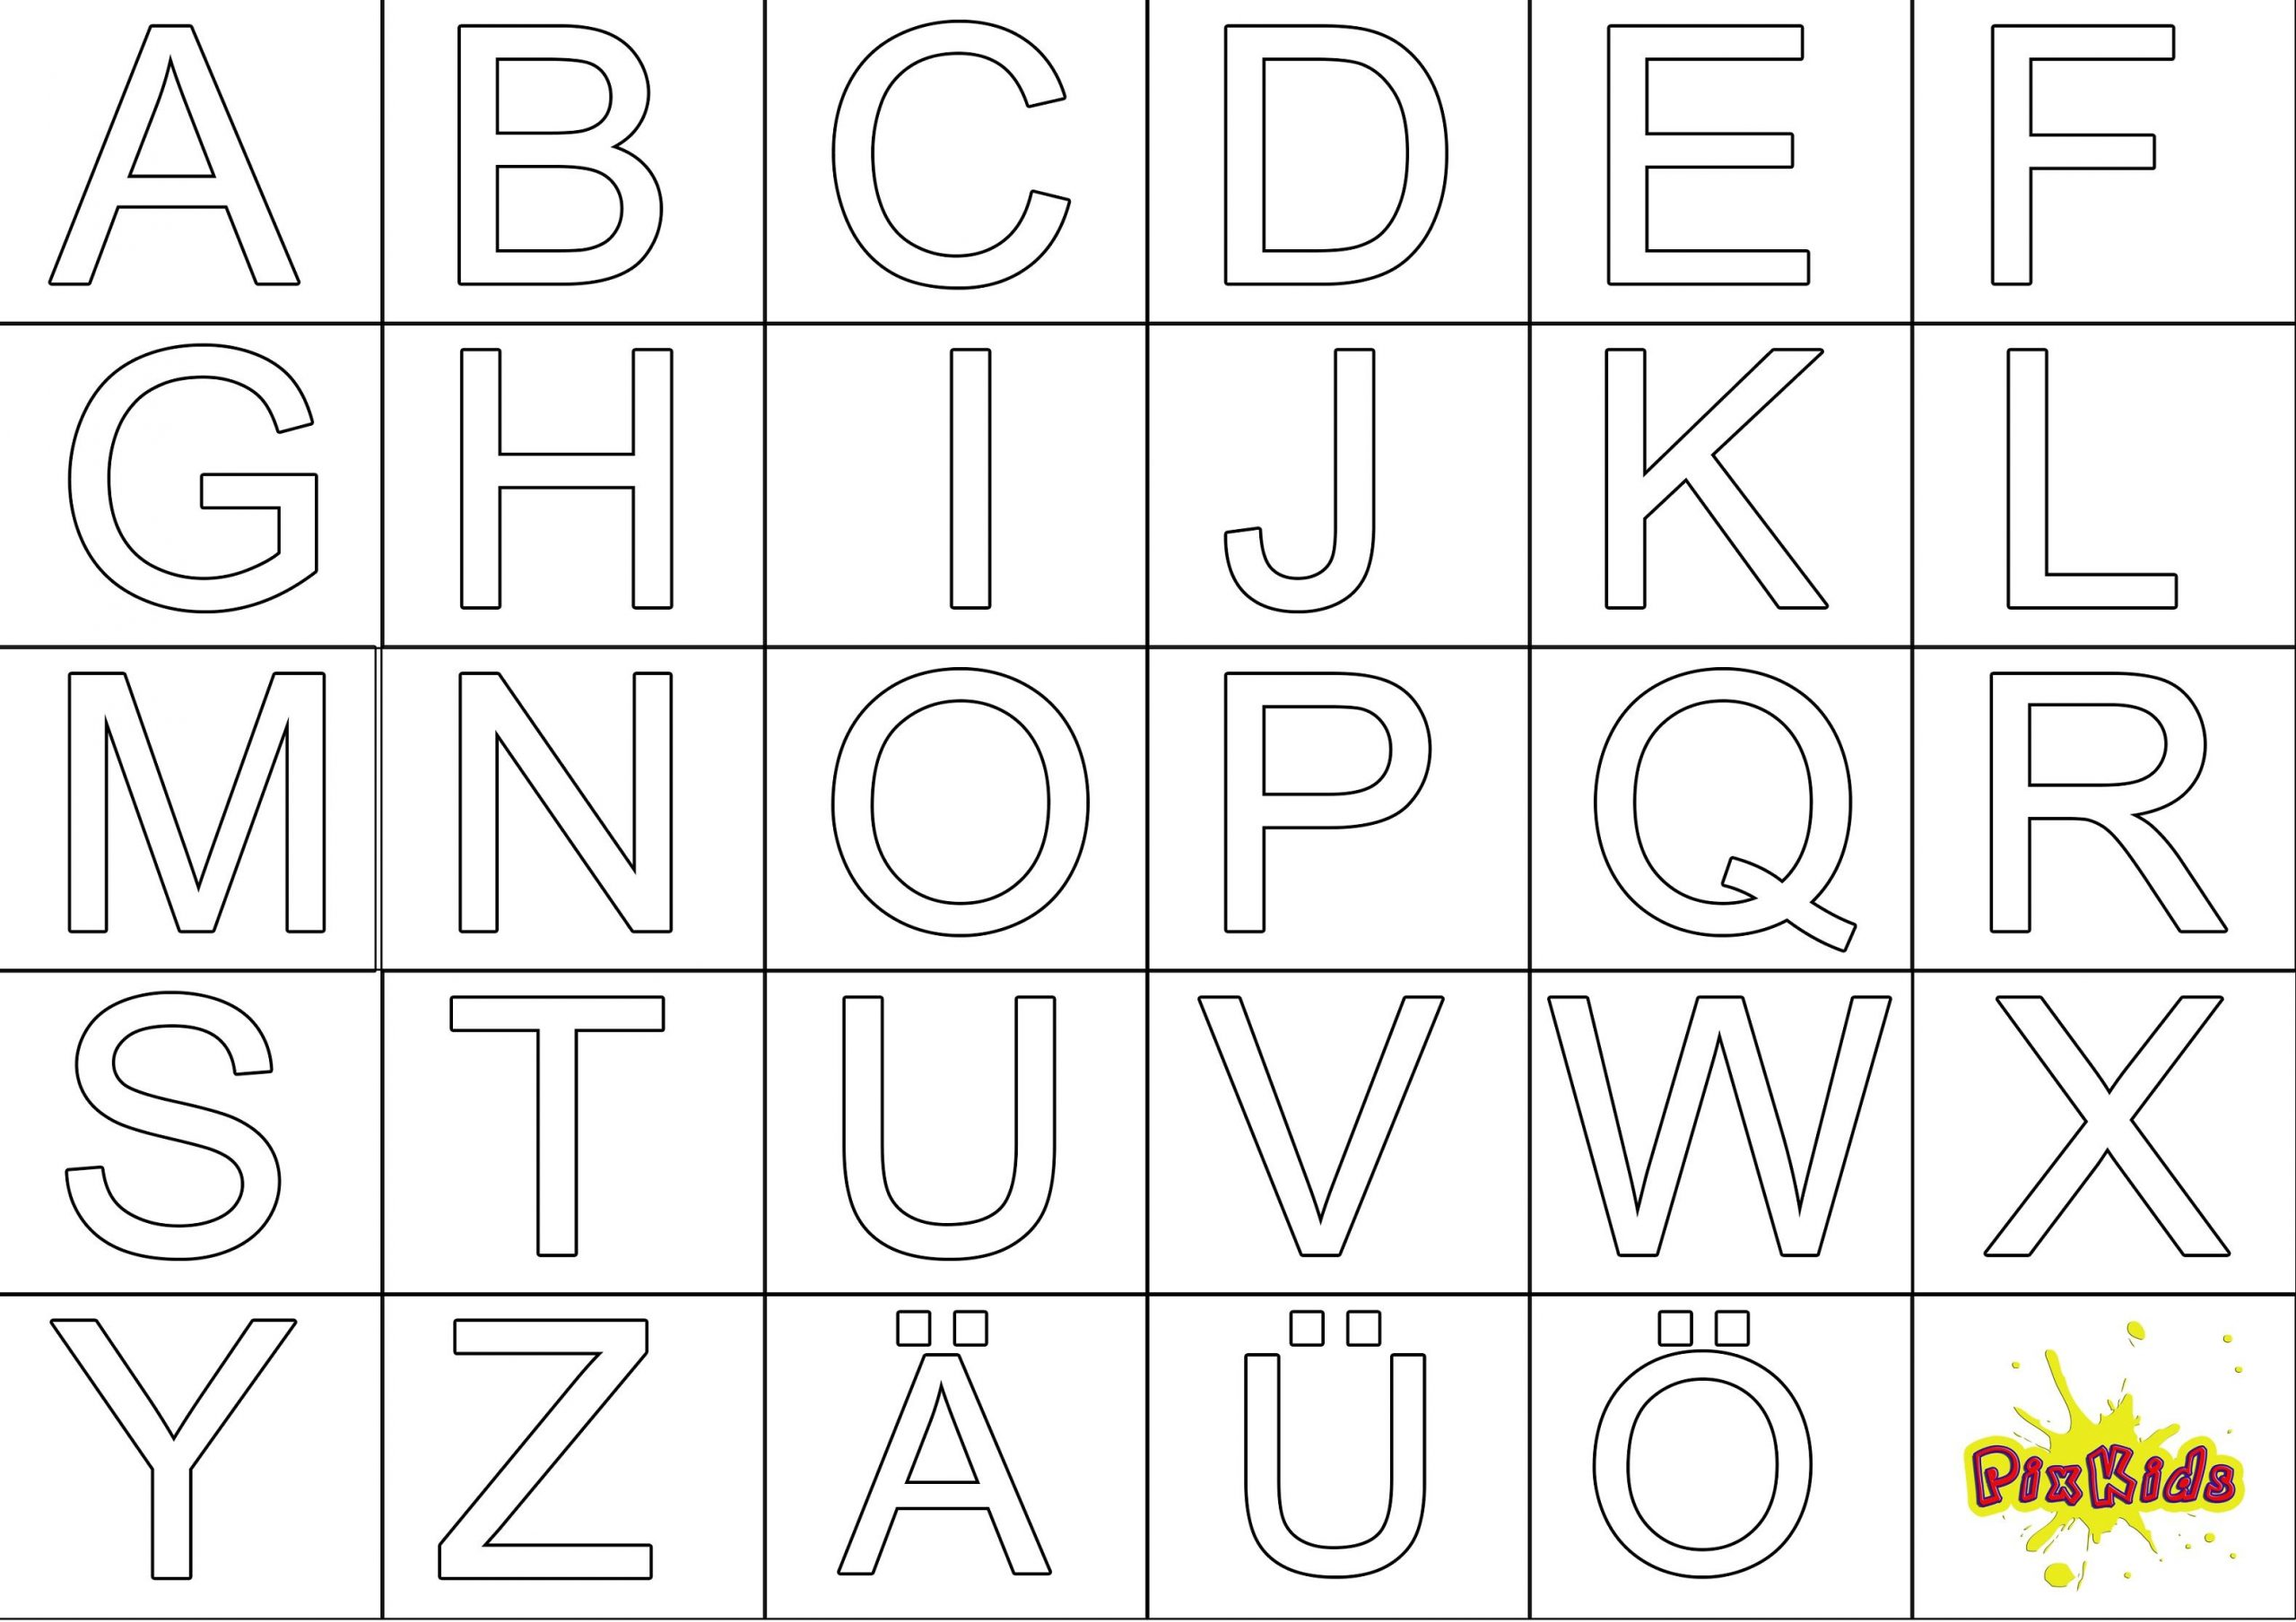 Ausmalbild Abc | Buchstaben Vorlagen Zum Ausdrucken bestimmt für Buchstaben Ausdrucken